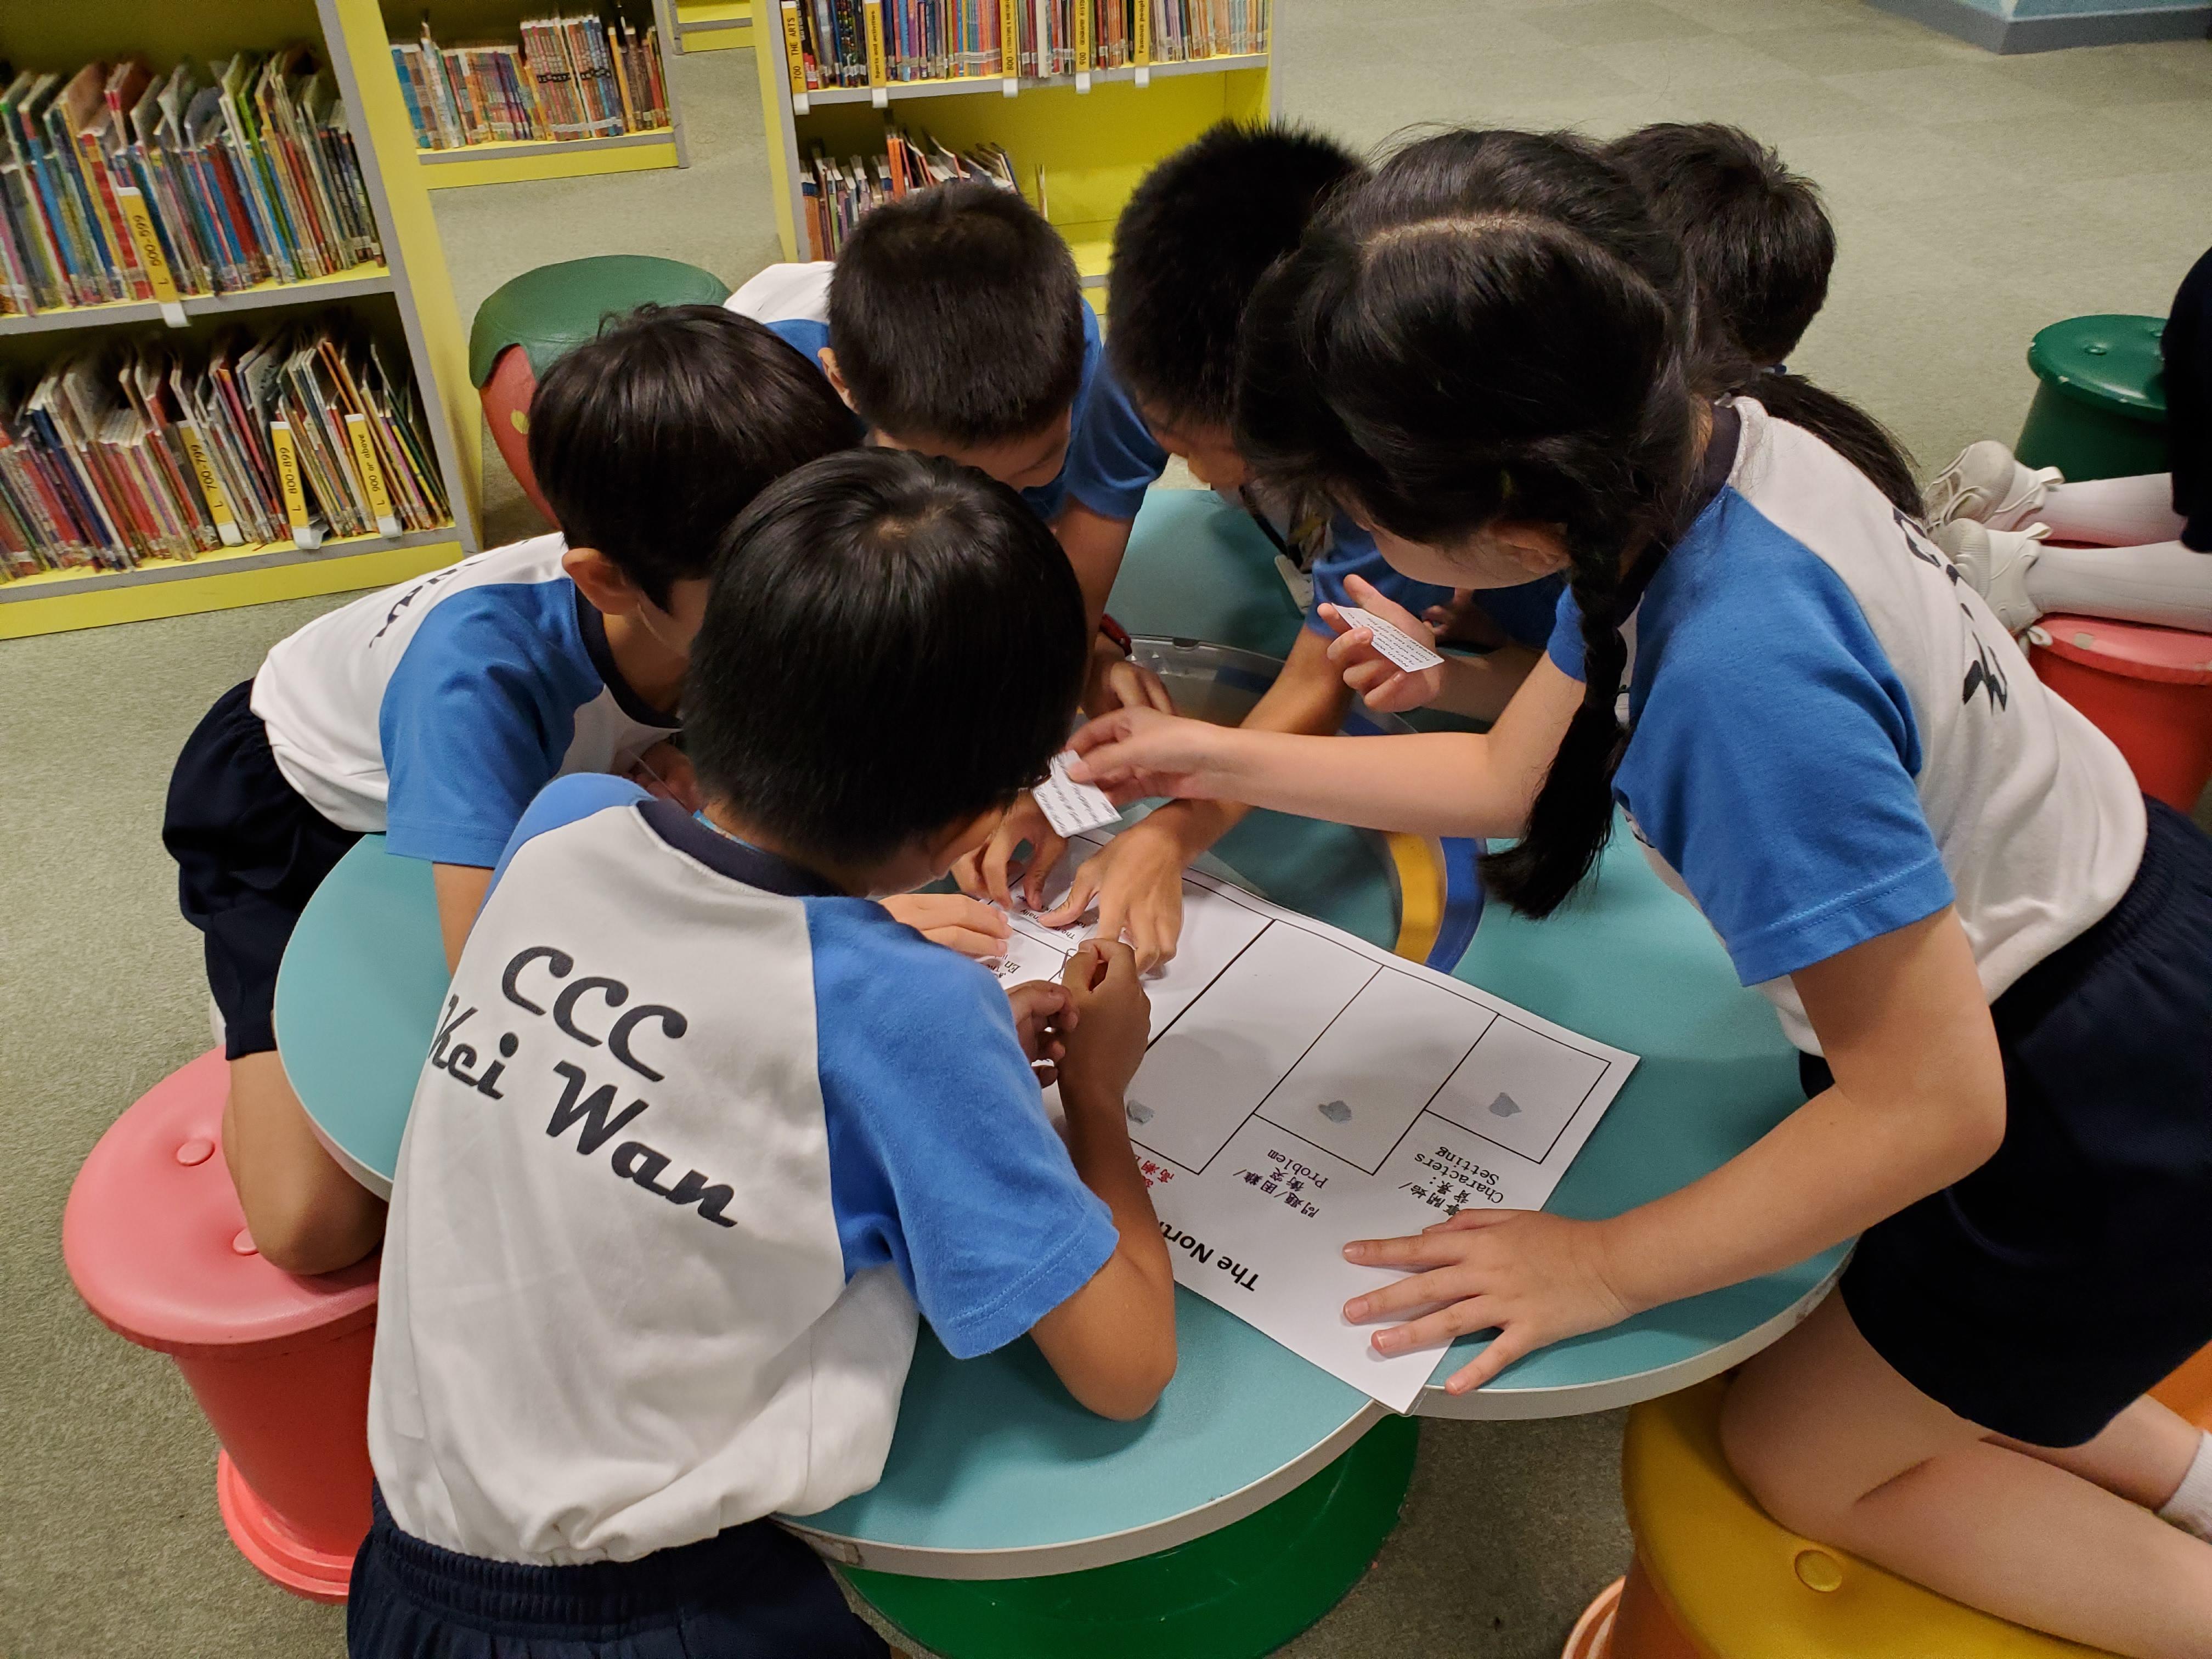 http://www.keiwan.edu.hk/sites/default/files/20191004_115209.jpg